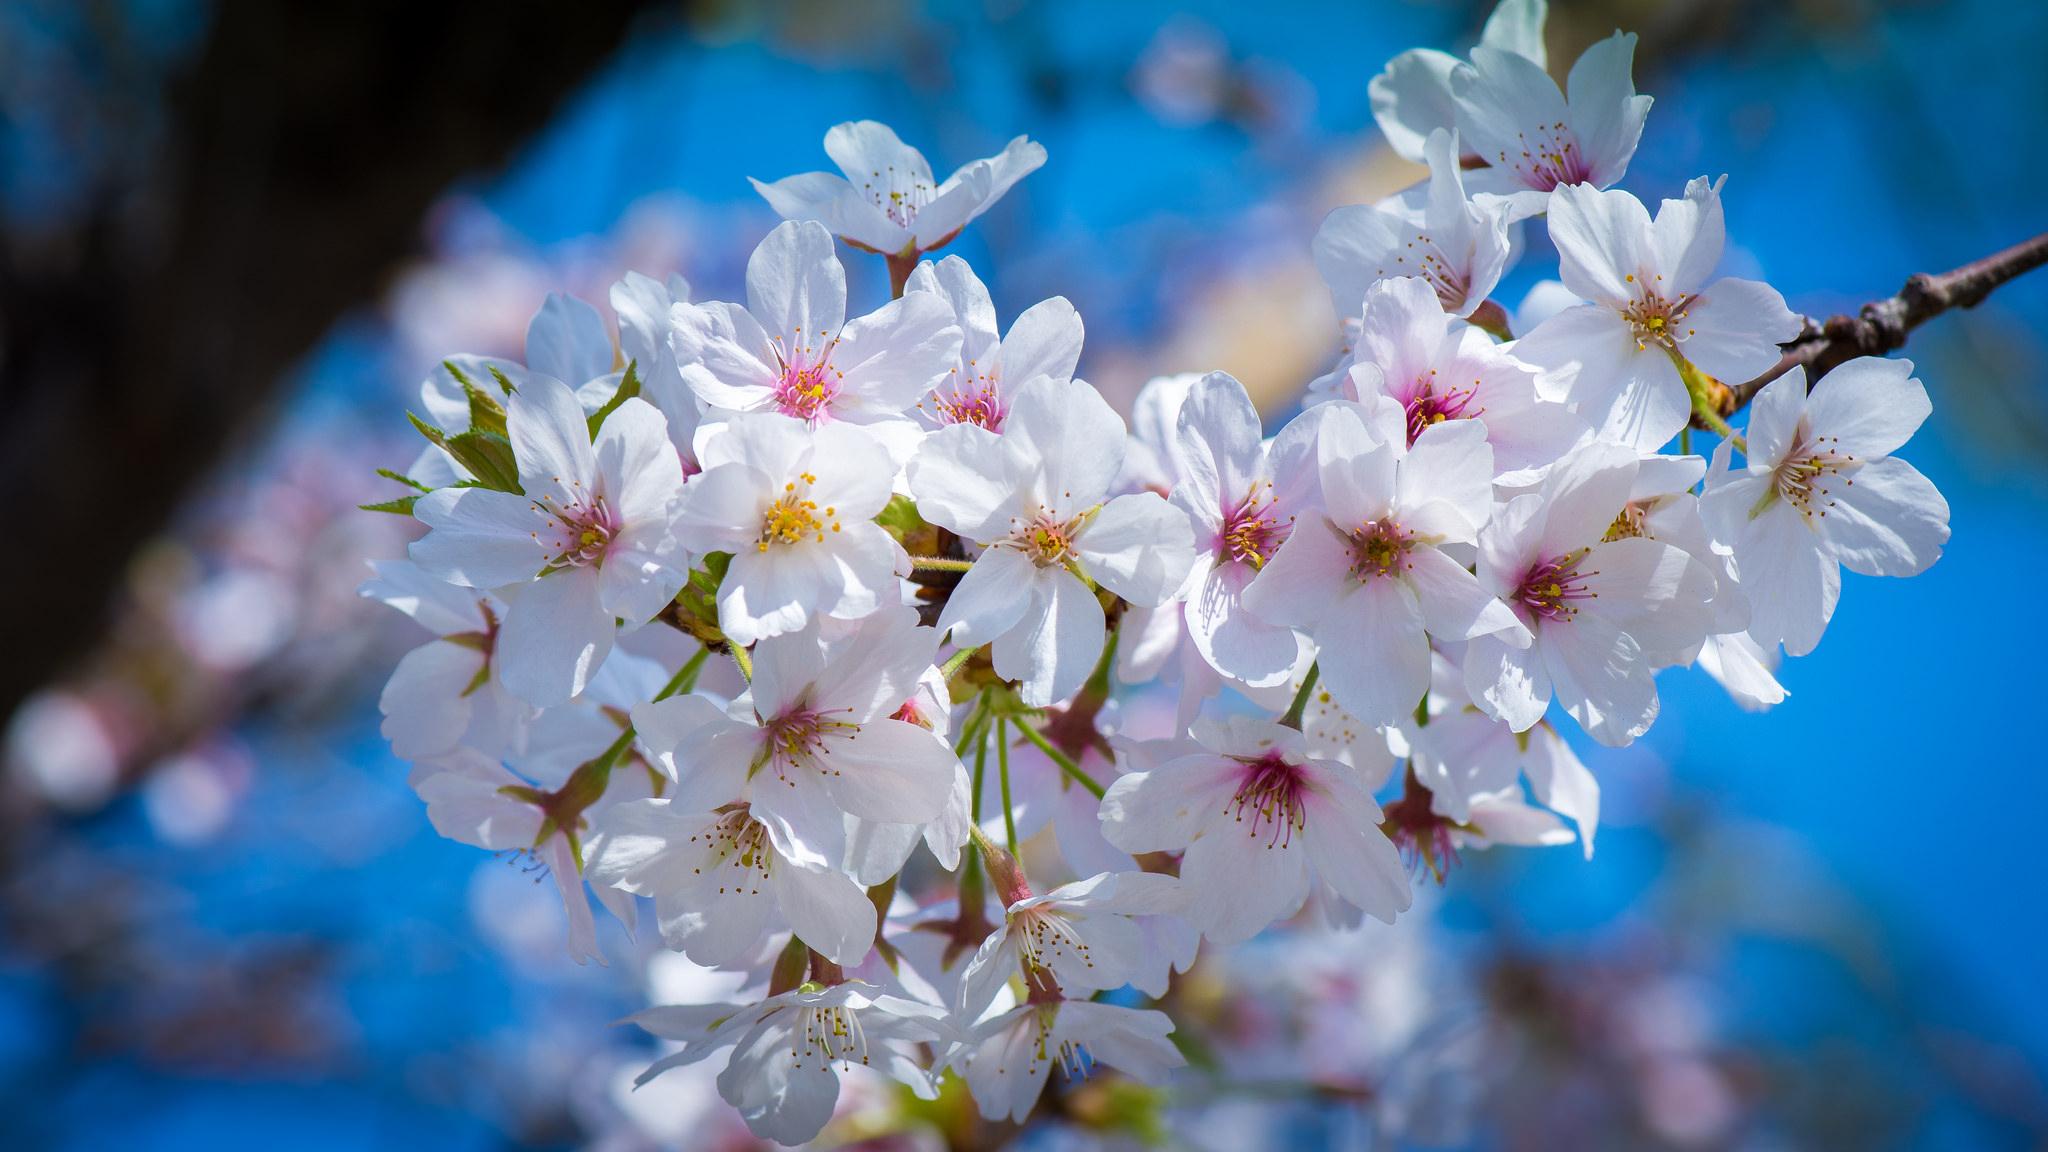 природа белые цветы сакура в хорошем качестве